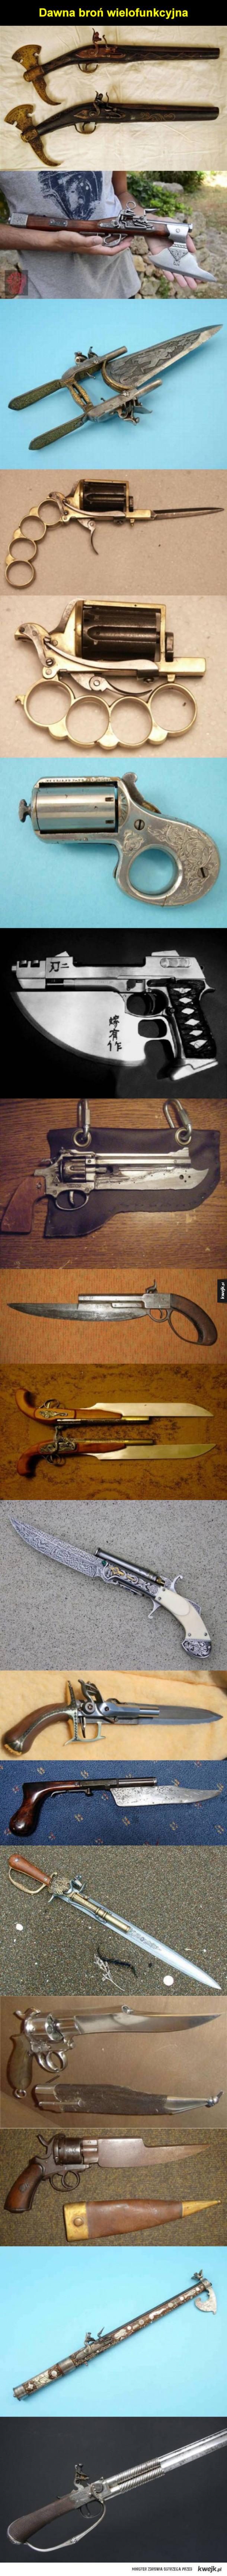 Wielozadaniowa broń